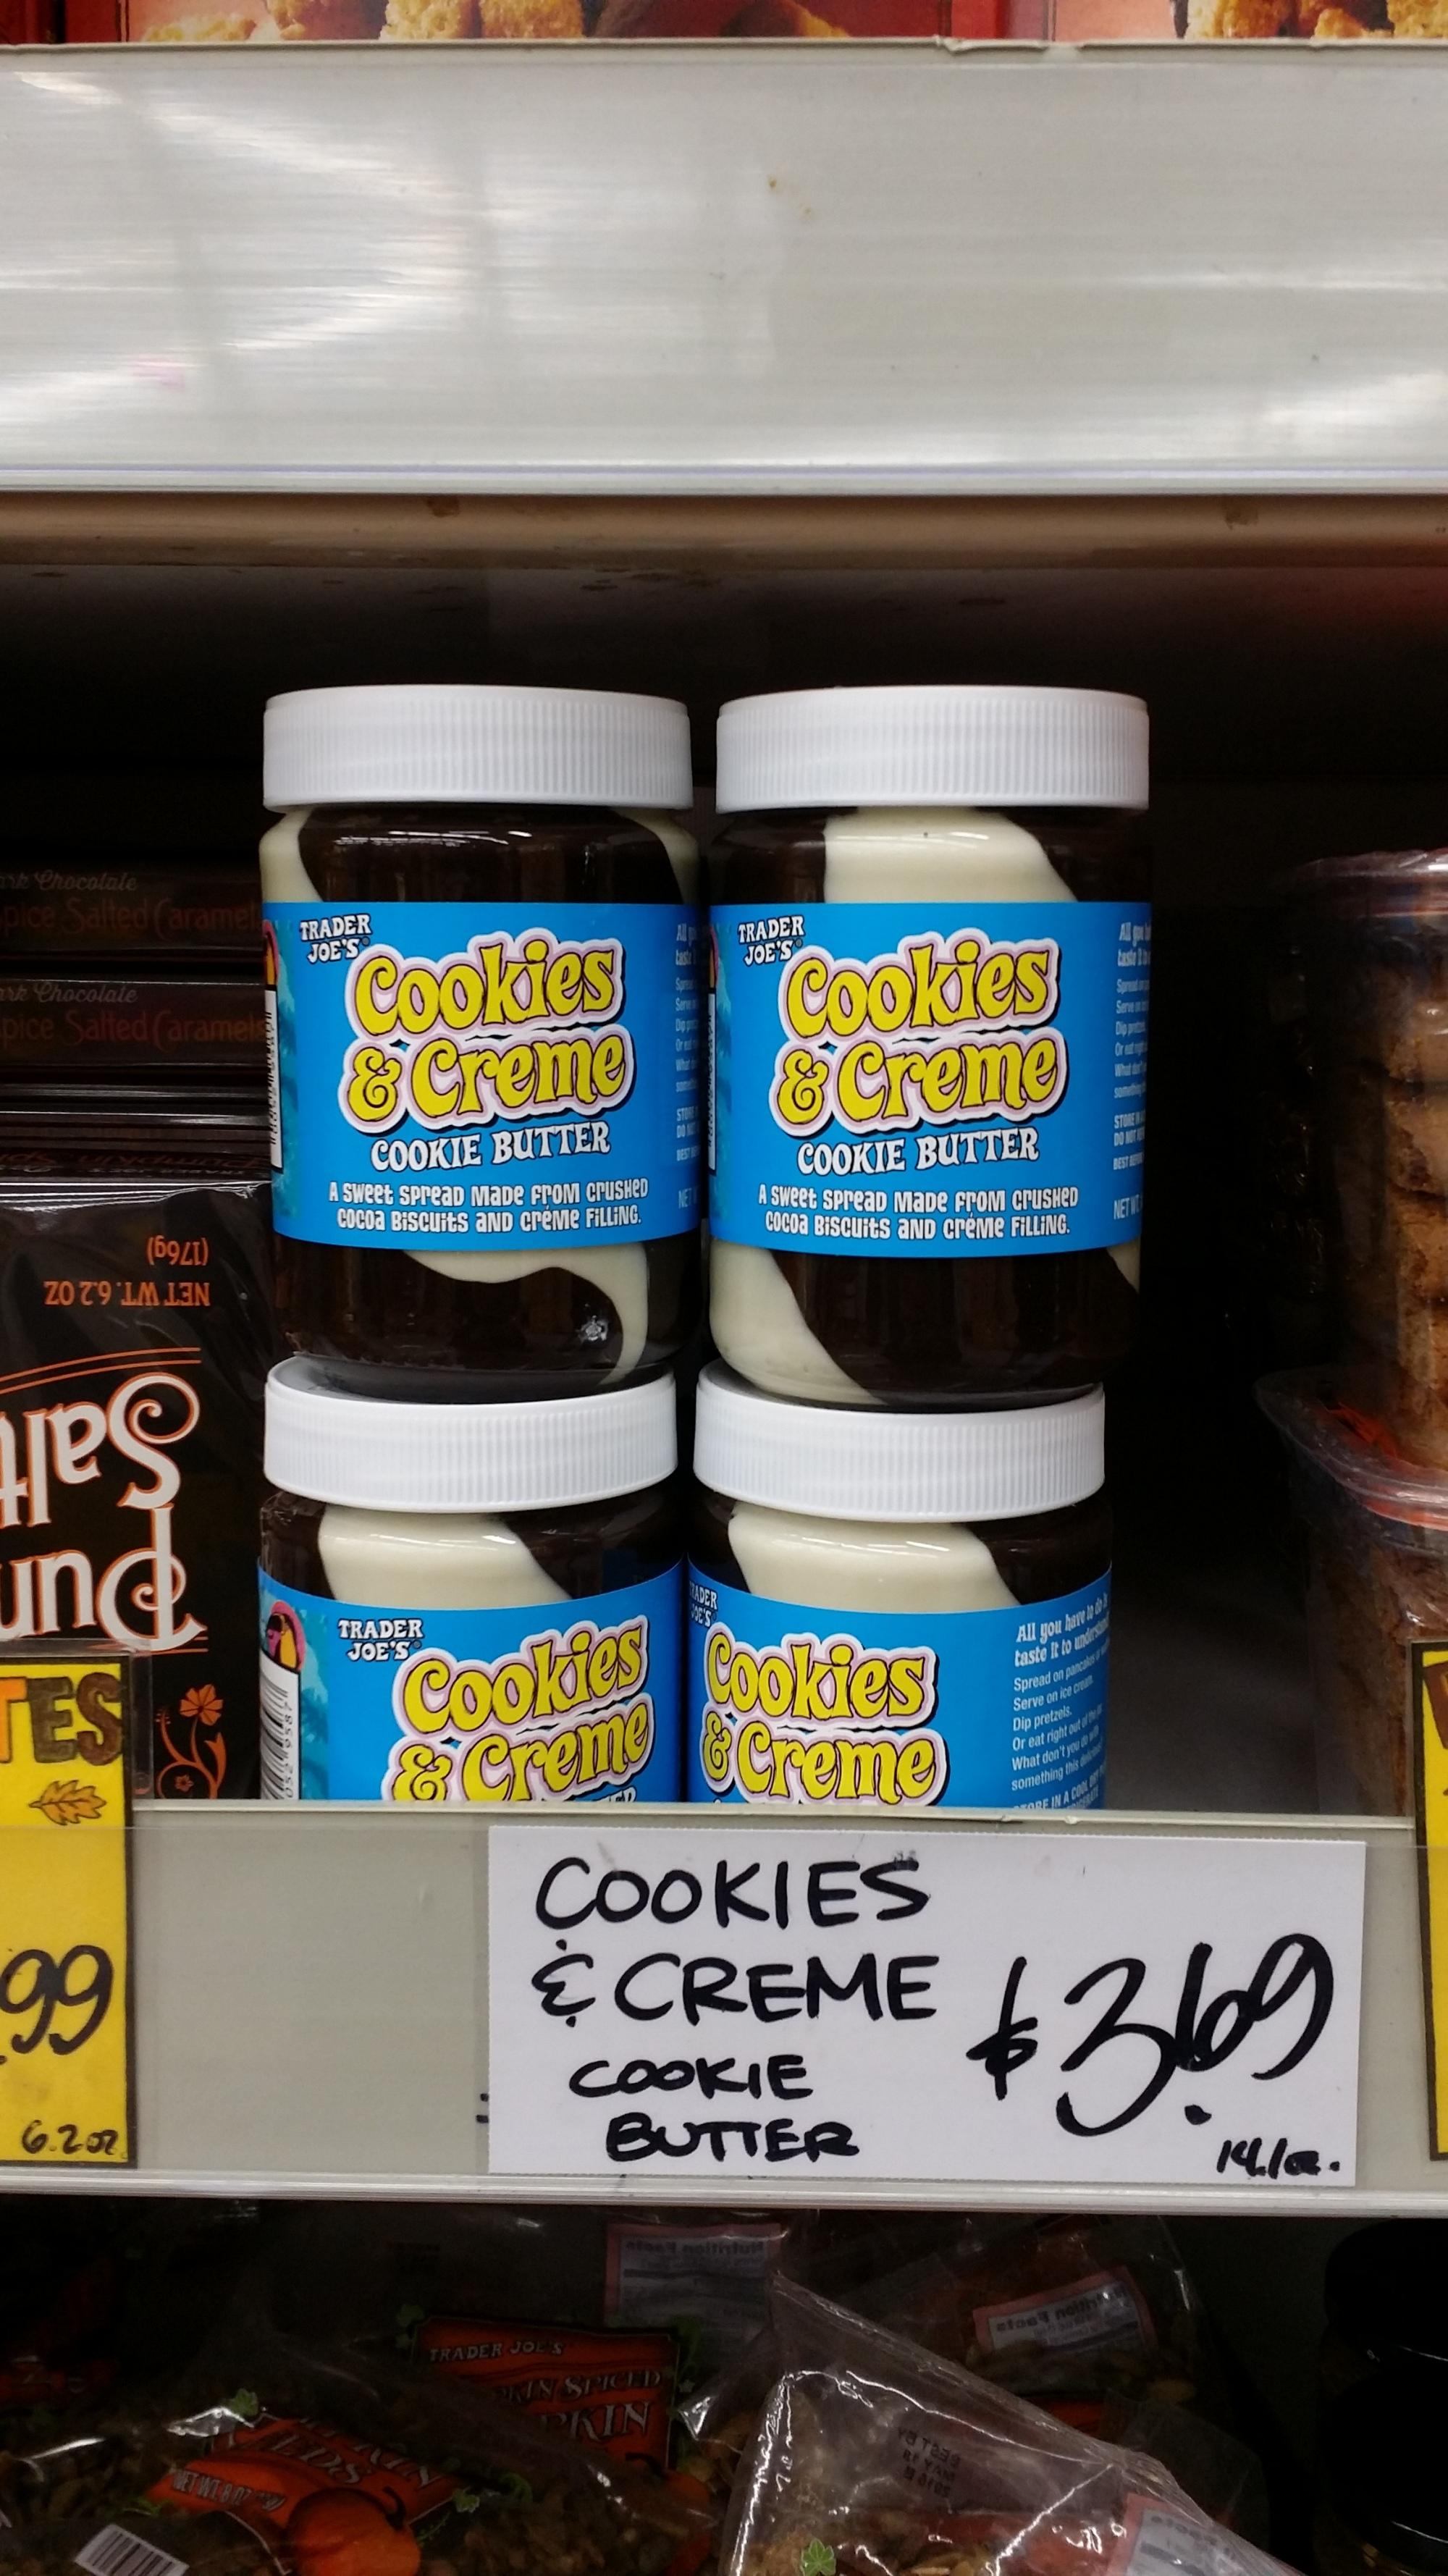 Trader Joe's Cookies & Cream Cookie Butter